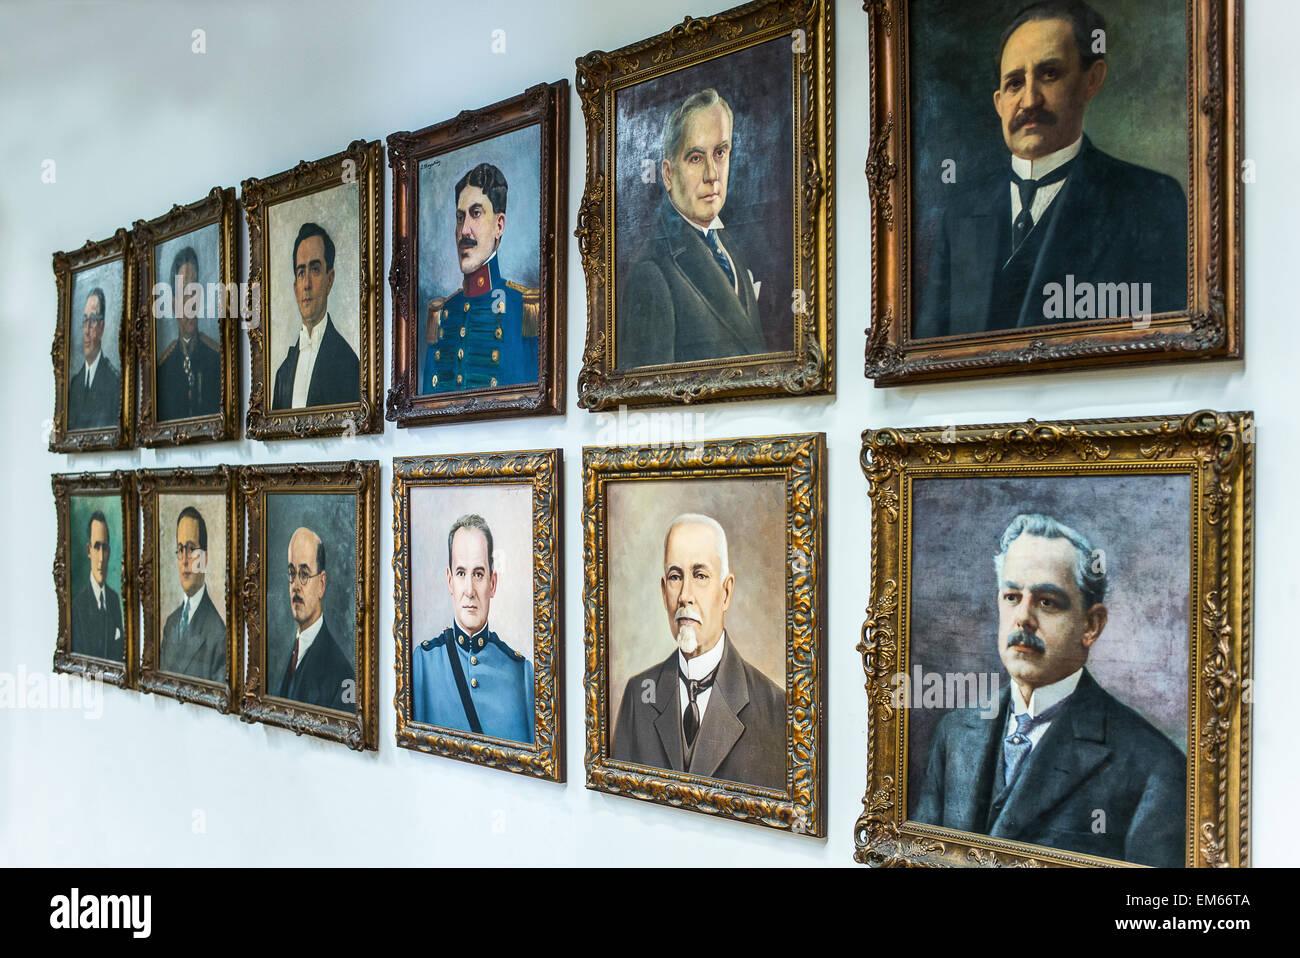 Brasilien, Salvador, Porträts der Gouverneure in den Rio Branco-Palast Stockbild